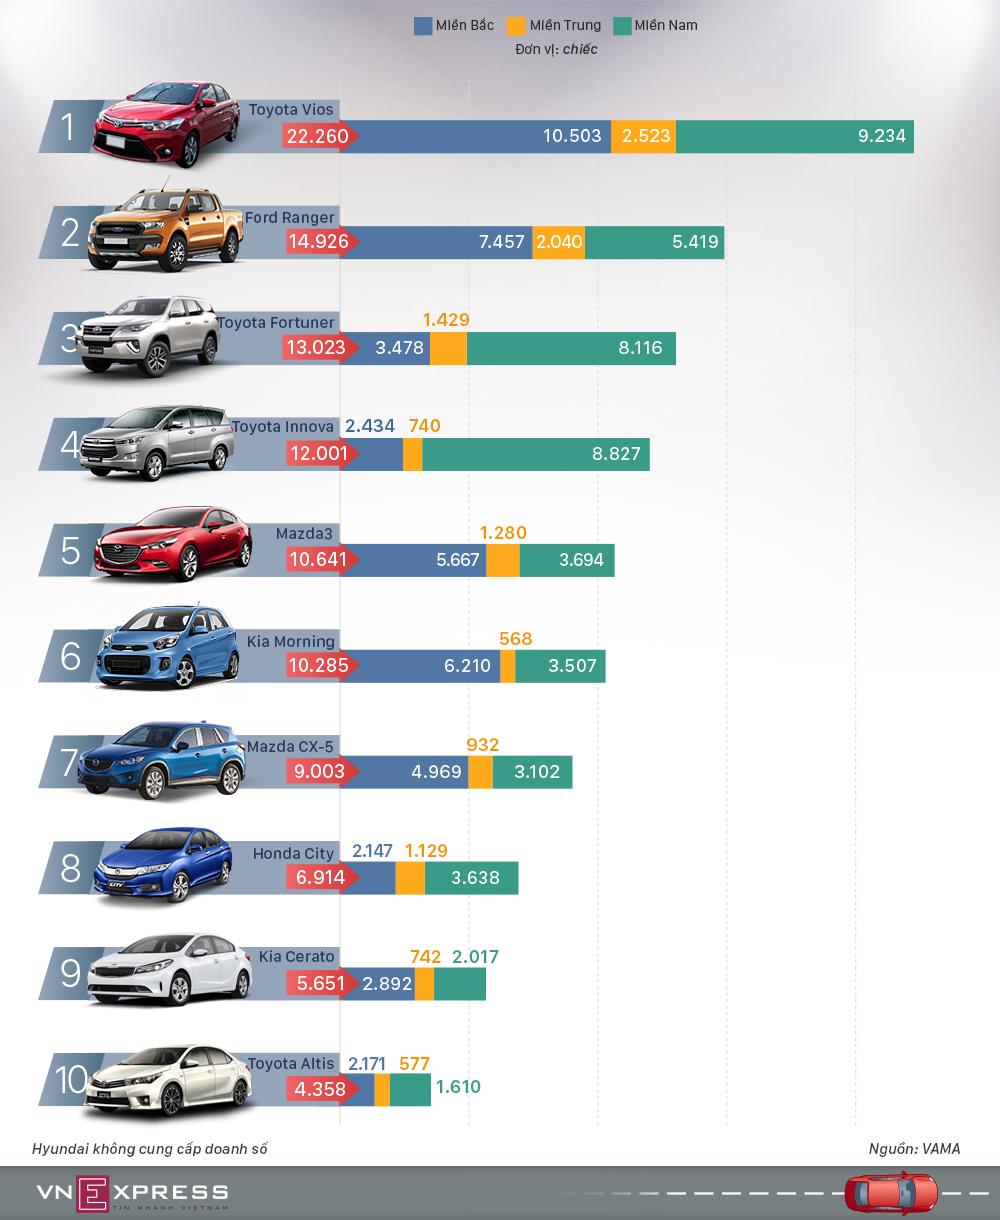 10 mẫu ôtô người Việt mua nhiều nhất 2017